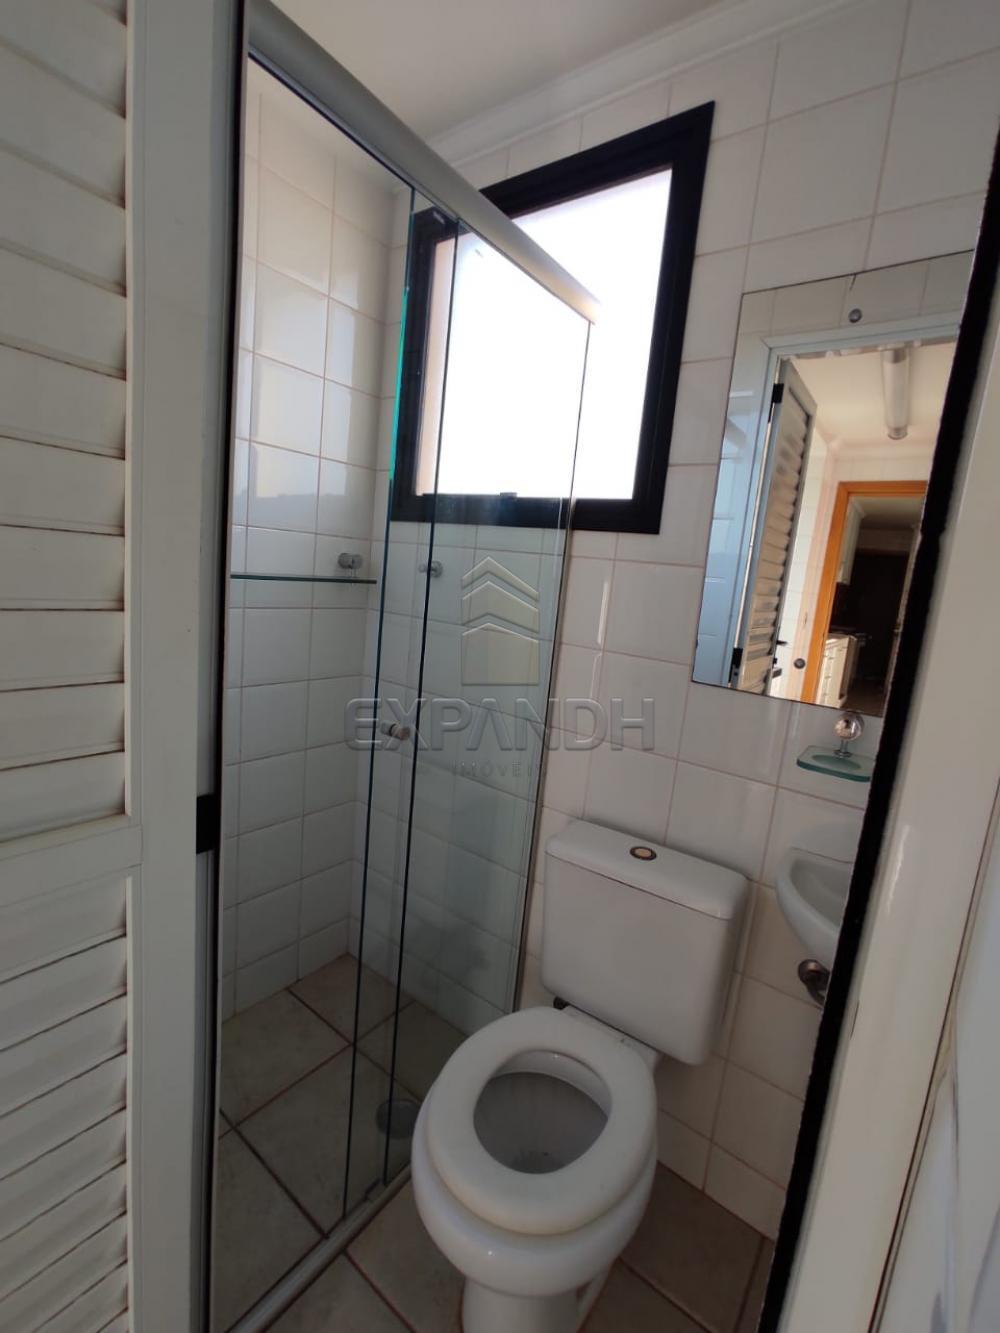 Comprar Apartamentos / Padrão em Sertãozinho R$ 600.000,00 - Foto 12